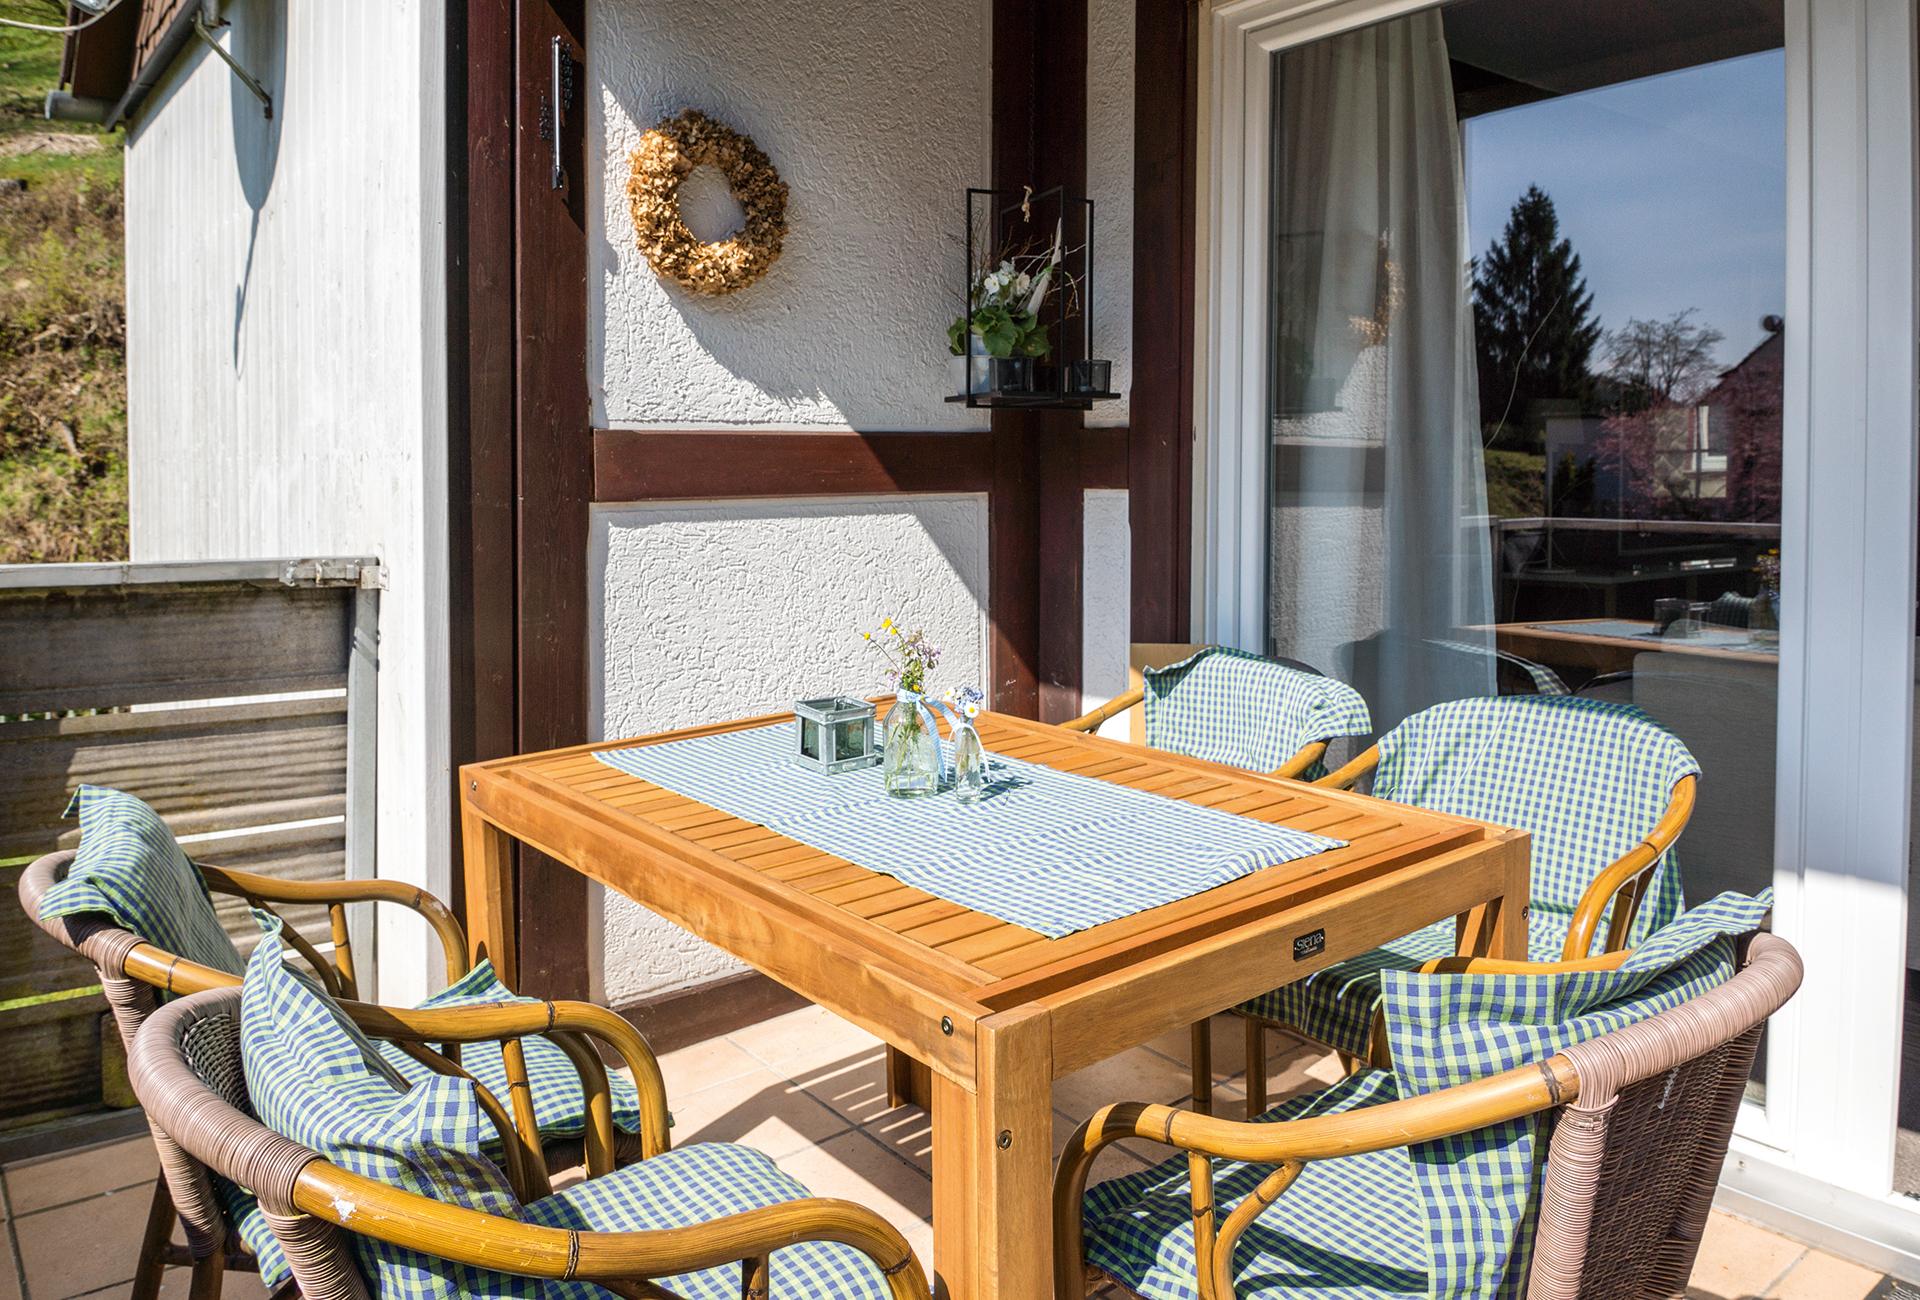 Ferienhaus Wildwechsel in Herzberg OT Lonau -Balkon